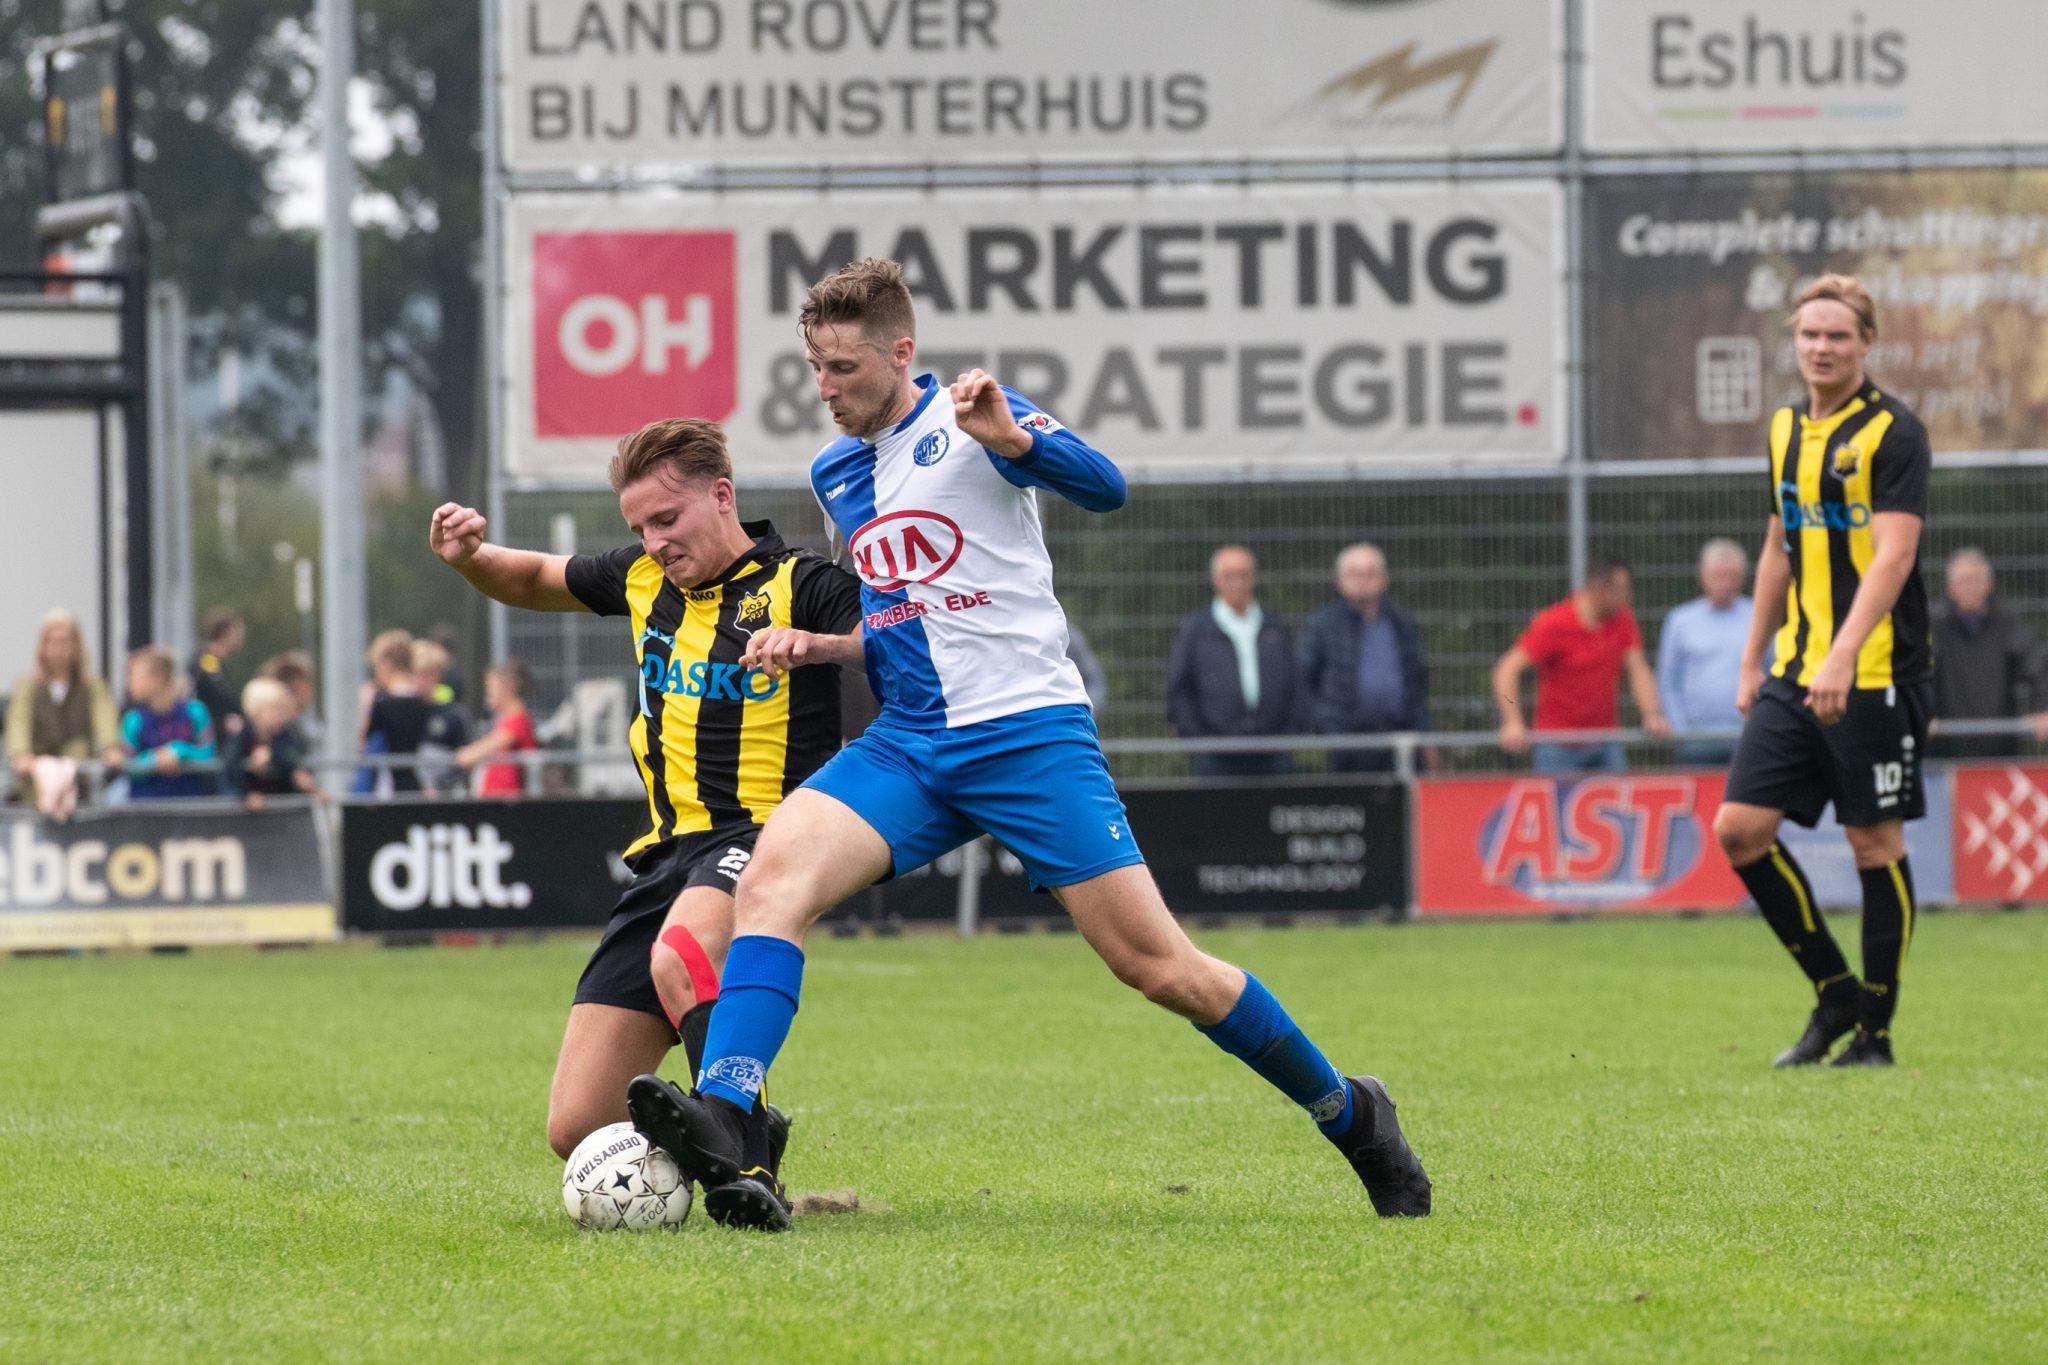 DTS Ede opent seizoen met nederlaag in Vriezenveen